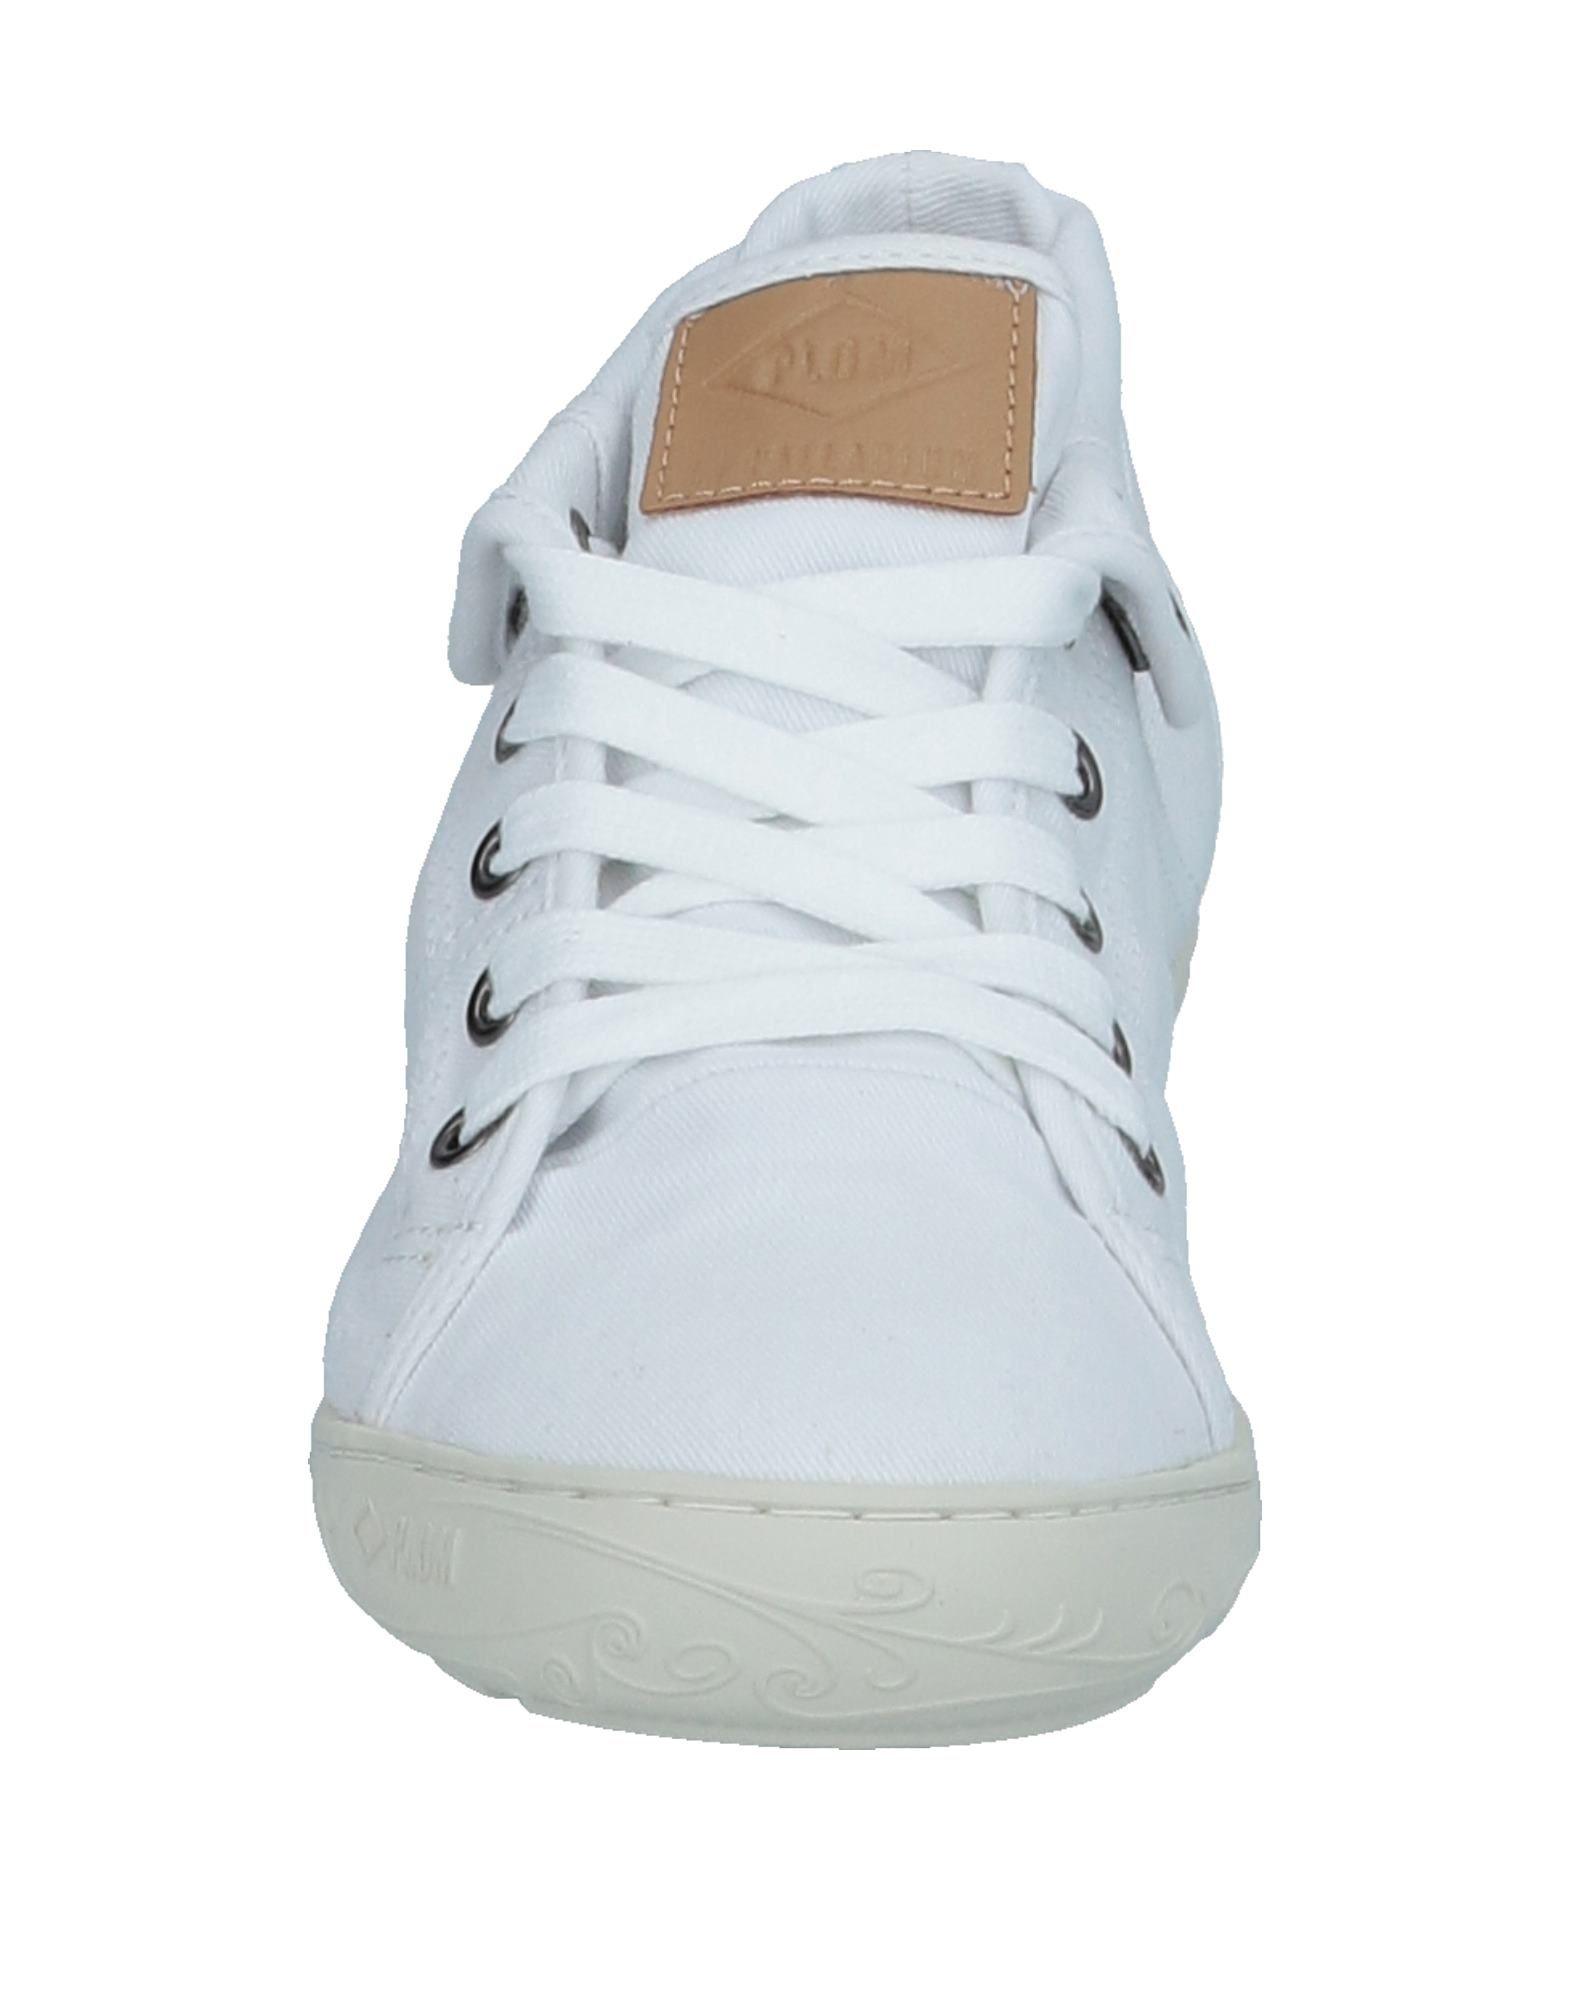 Palladium 11500872VM Sneakers Damen  11500872VM Palladium Gute Qualität beliebte Schuhe 31aba4